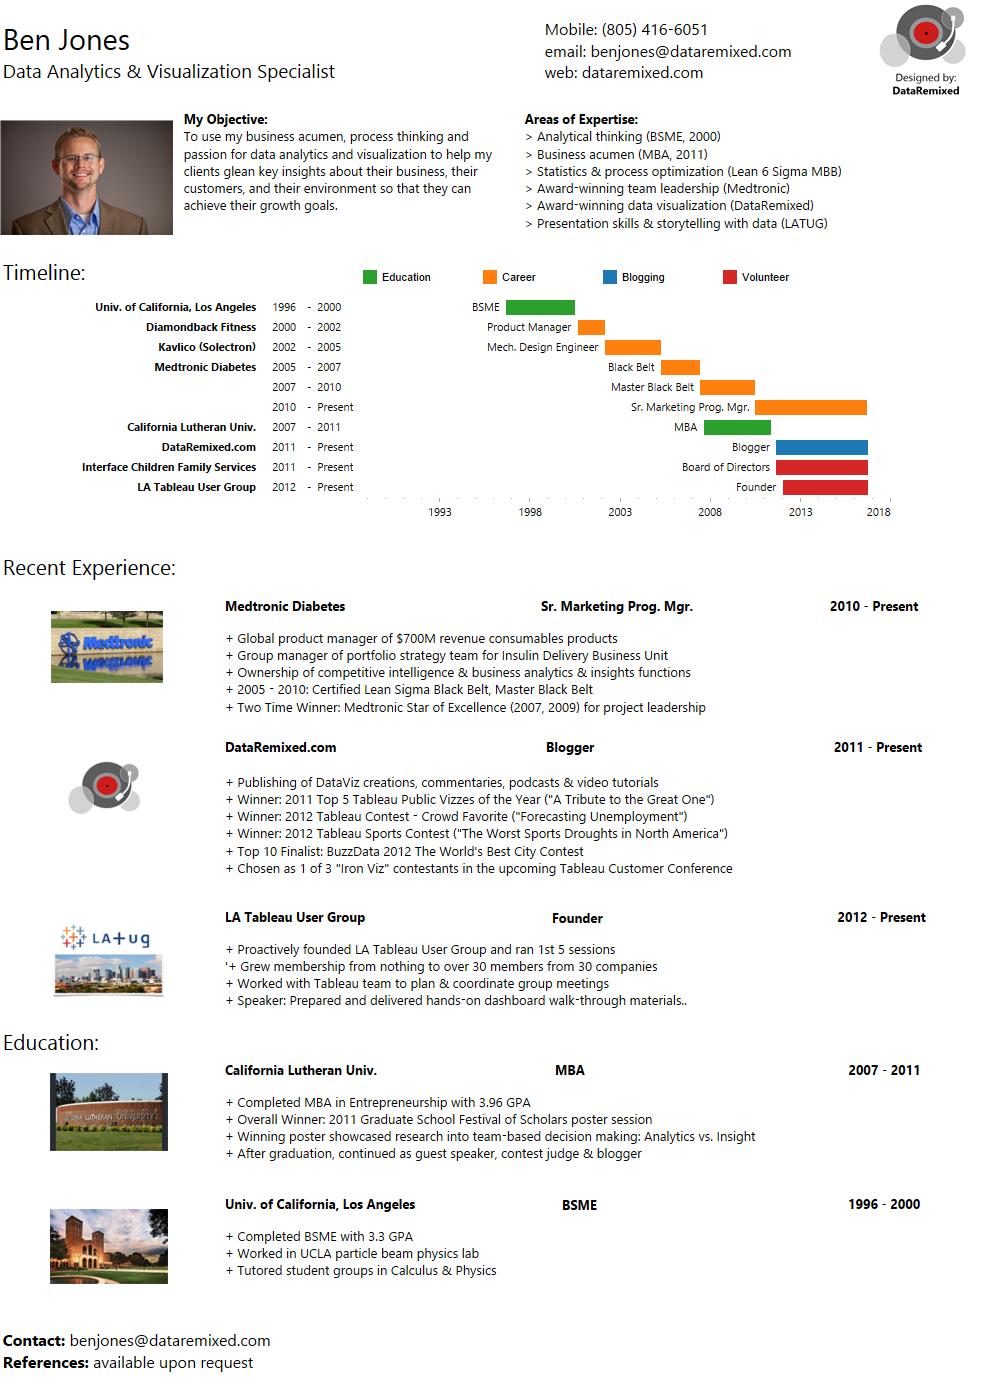 Ben Jones Infographic Resume Built In Tableau Public Infographic Resume Visual Resume Graphic Resume